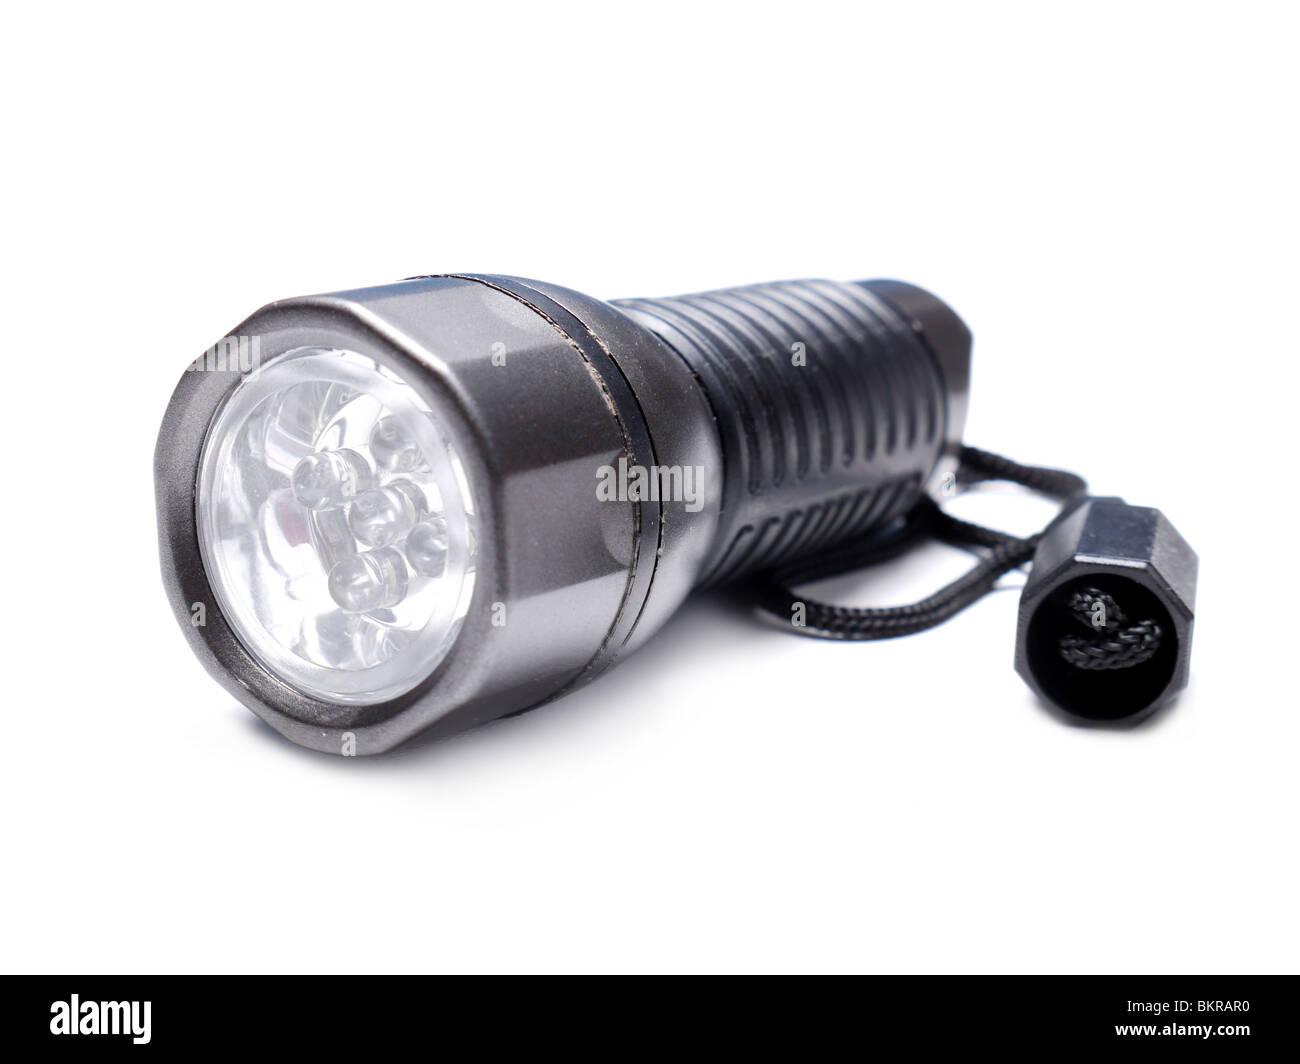 Portable LED flashlight shot over white background - Stock Image